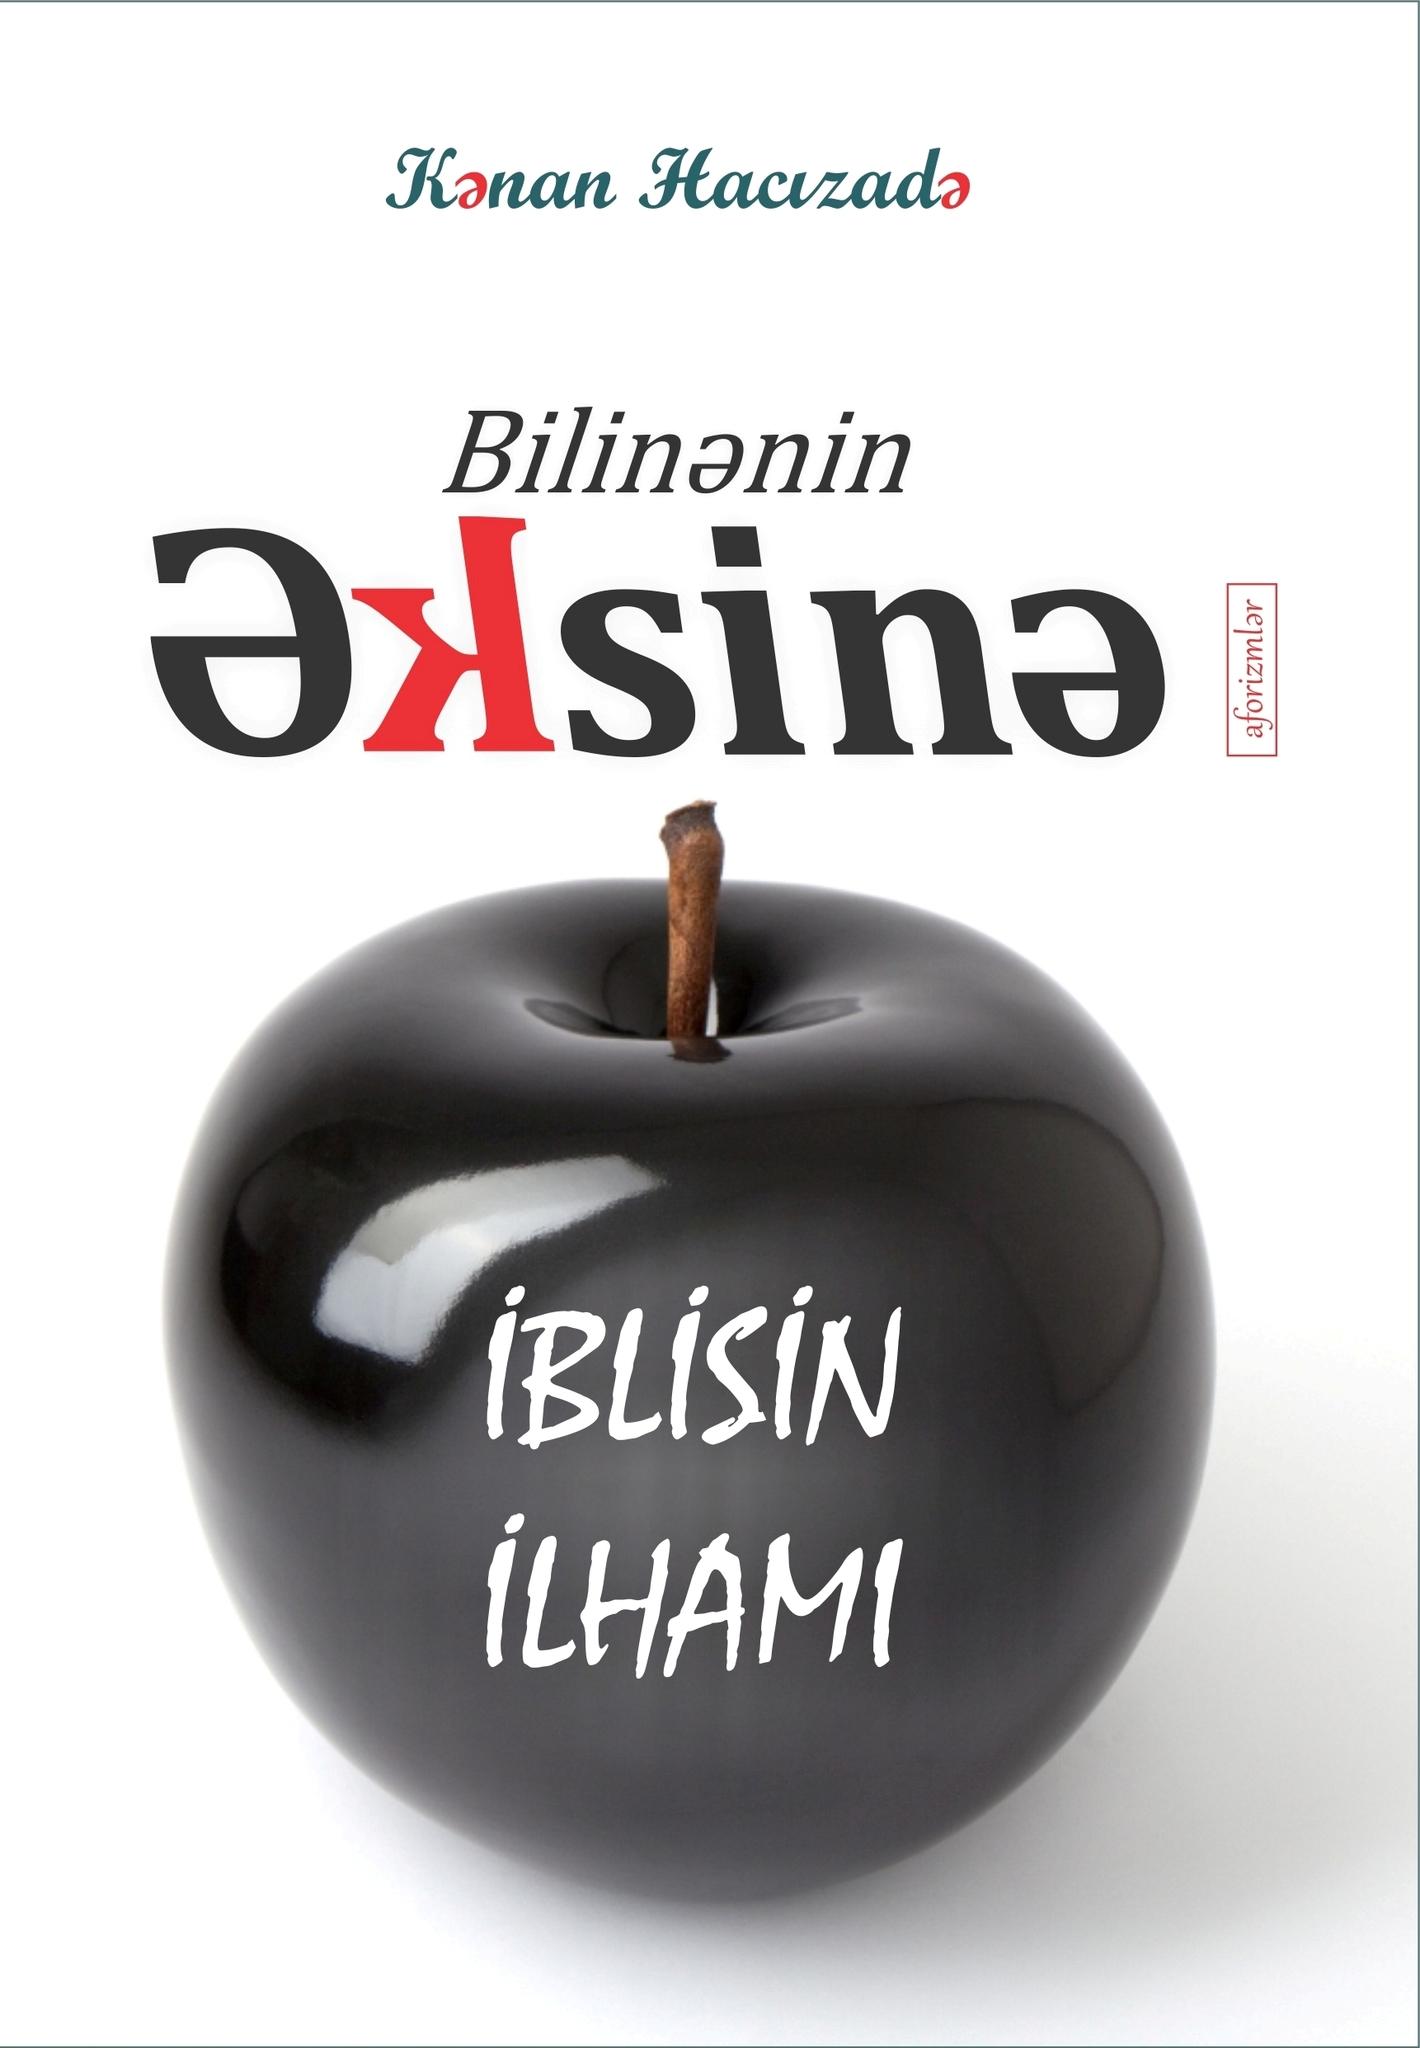 Bilinənin Əksinə - İblisin ilhami